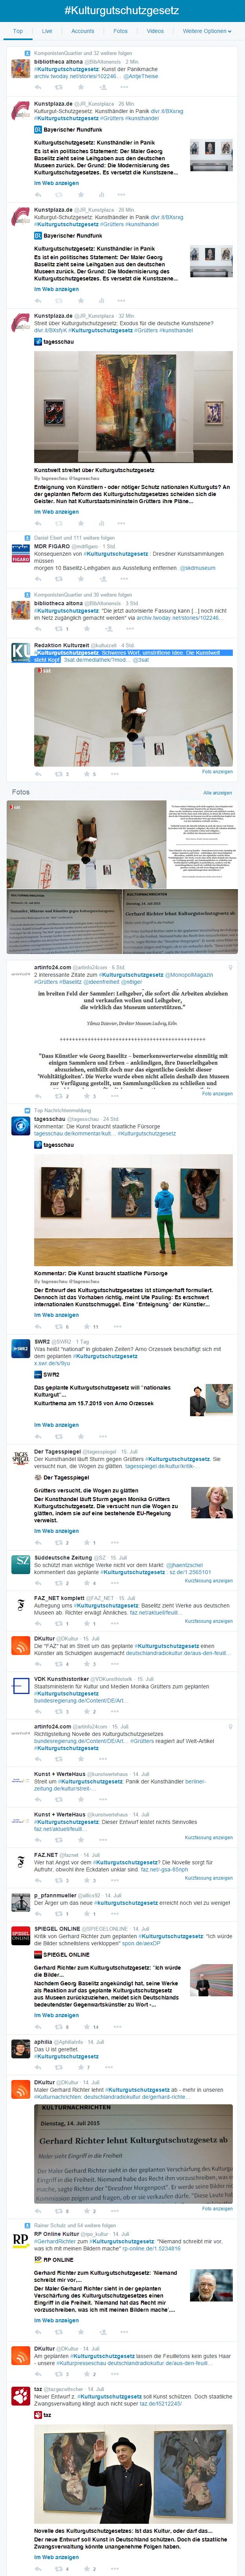 Twitterstream zum Thema Kulturgutschutzgesetz (Auszug vom 16.07.2015, 16:10 Uhr)